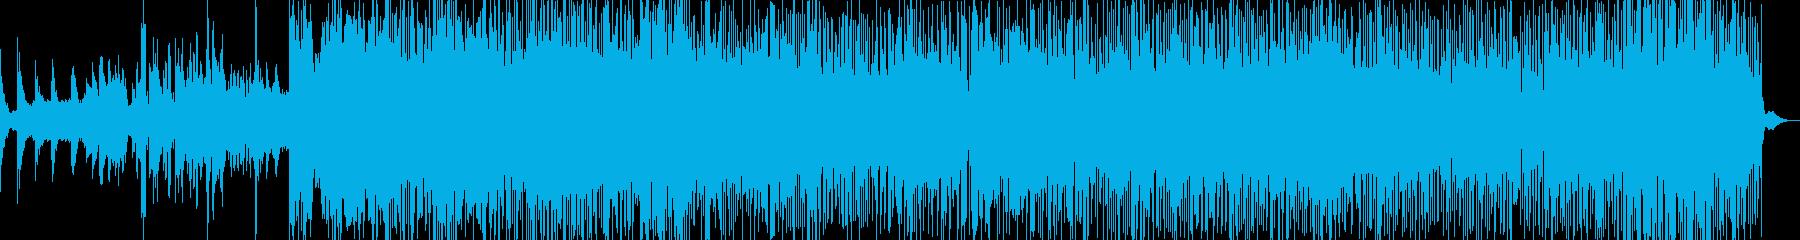 キング・クリムゾン、ジェネシス、は...の再生済みの波形